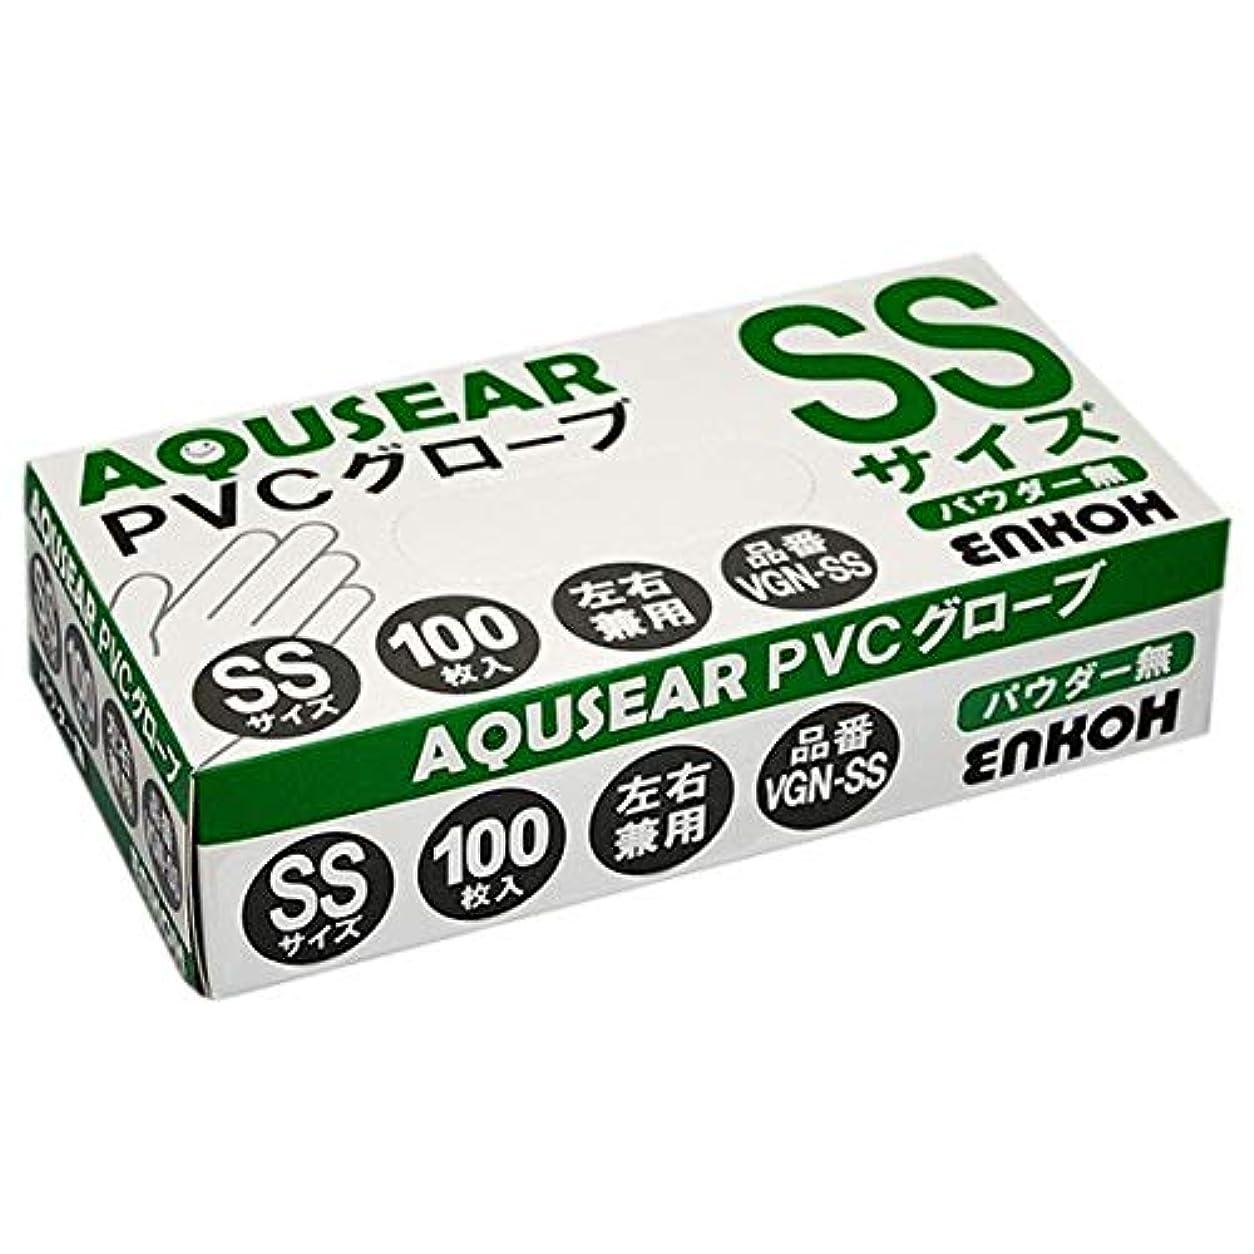 七面鳥より平らな思慮のないAQUSEAR PVC プラスチックグローブ SSサイズ パウダー無 VGN-SS 100枚×20箱